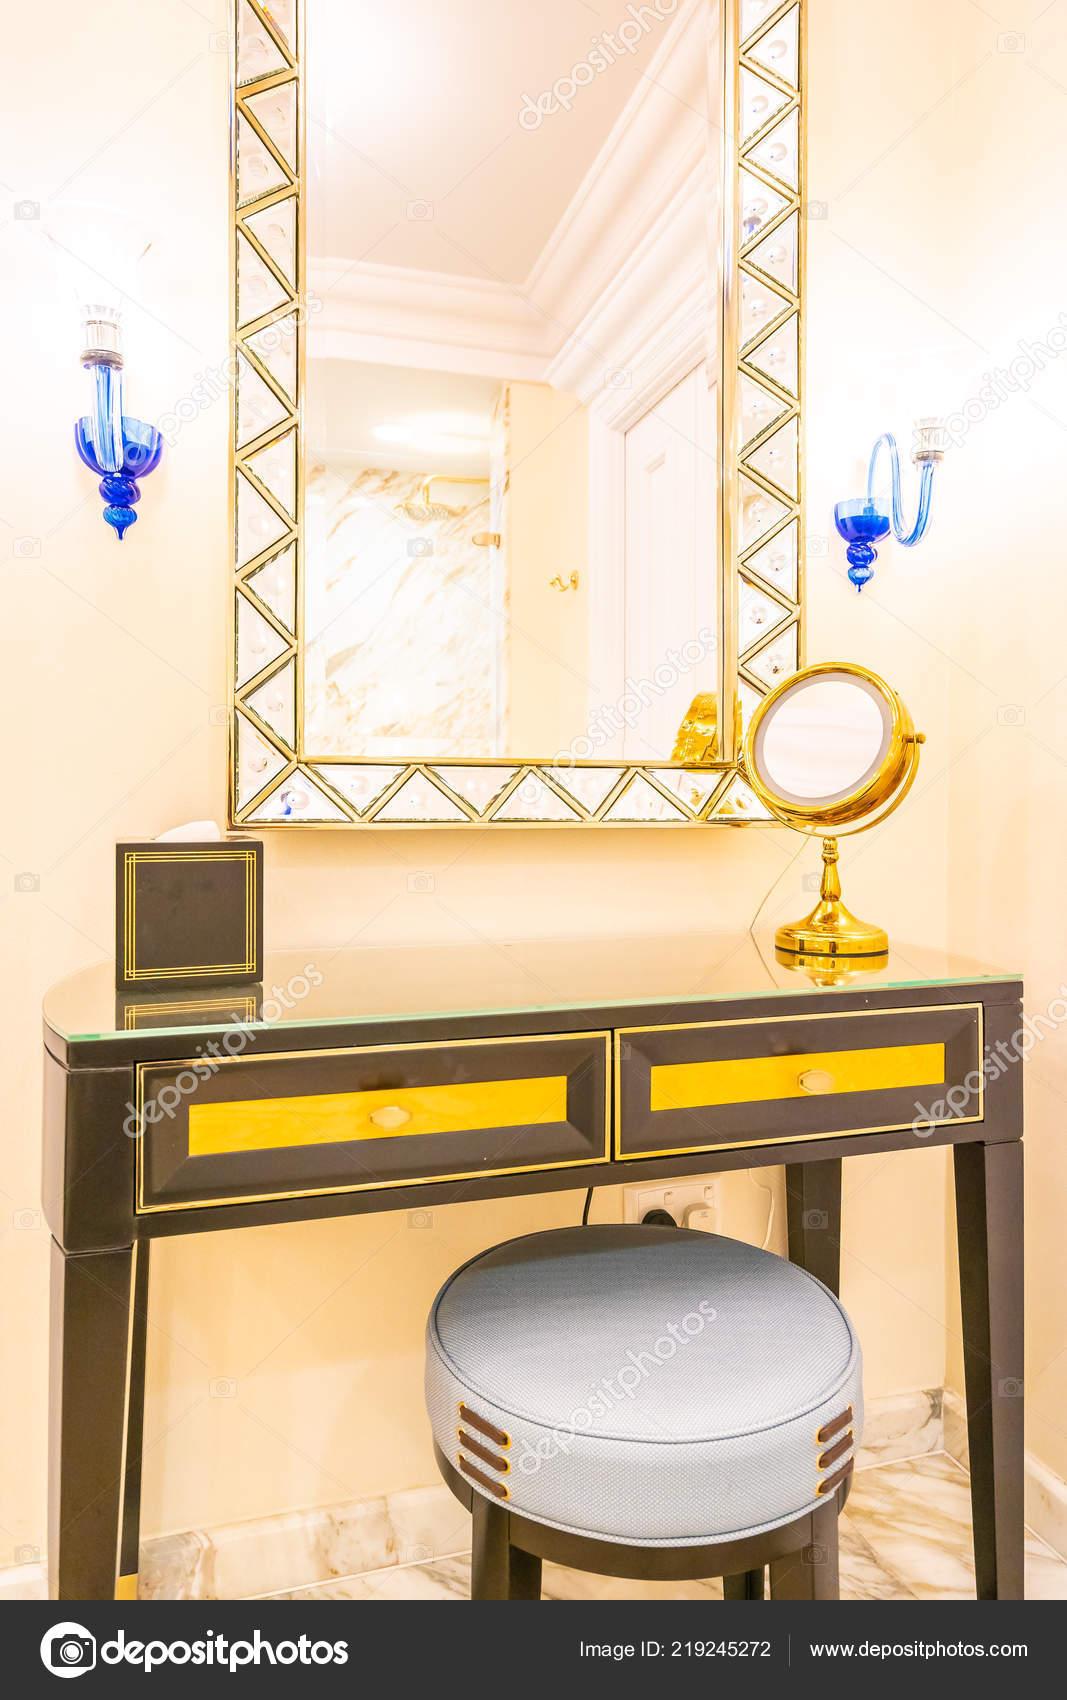 Kaptafel Grote Spiegel.Mooie Luxe Kaptafel Met Grote Spiegel Stoel Decoratie